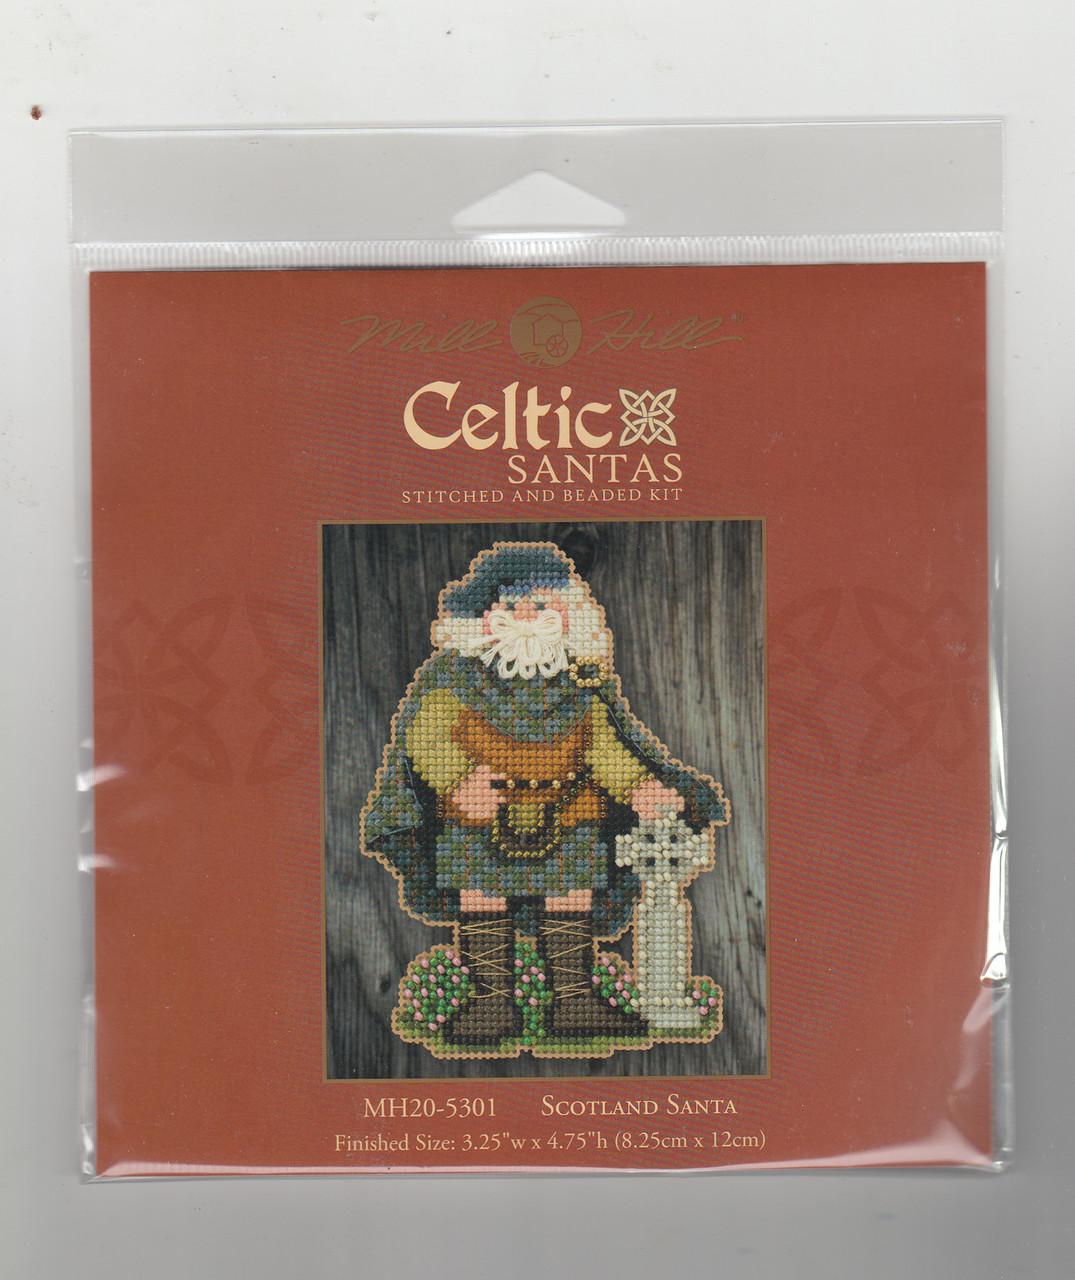 2015 Mill Hill Celtic Santas - Scotland